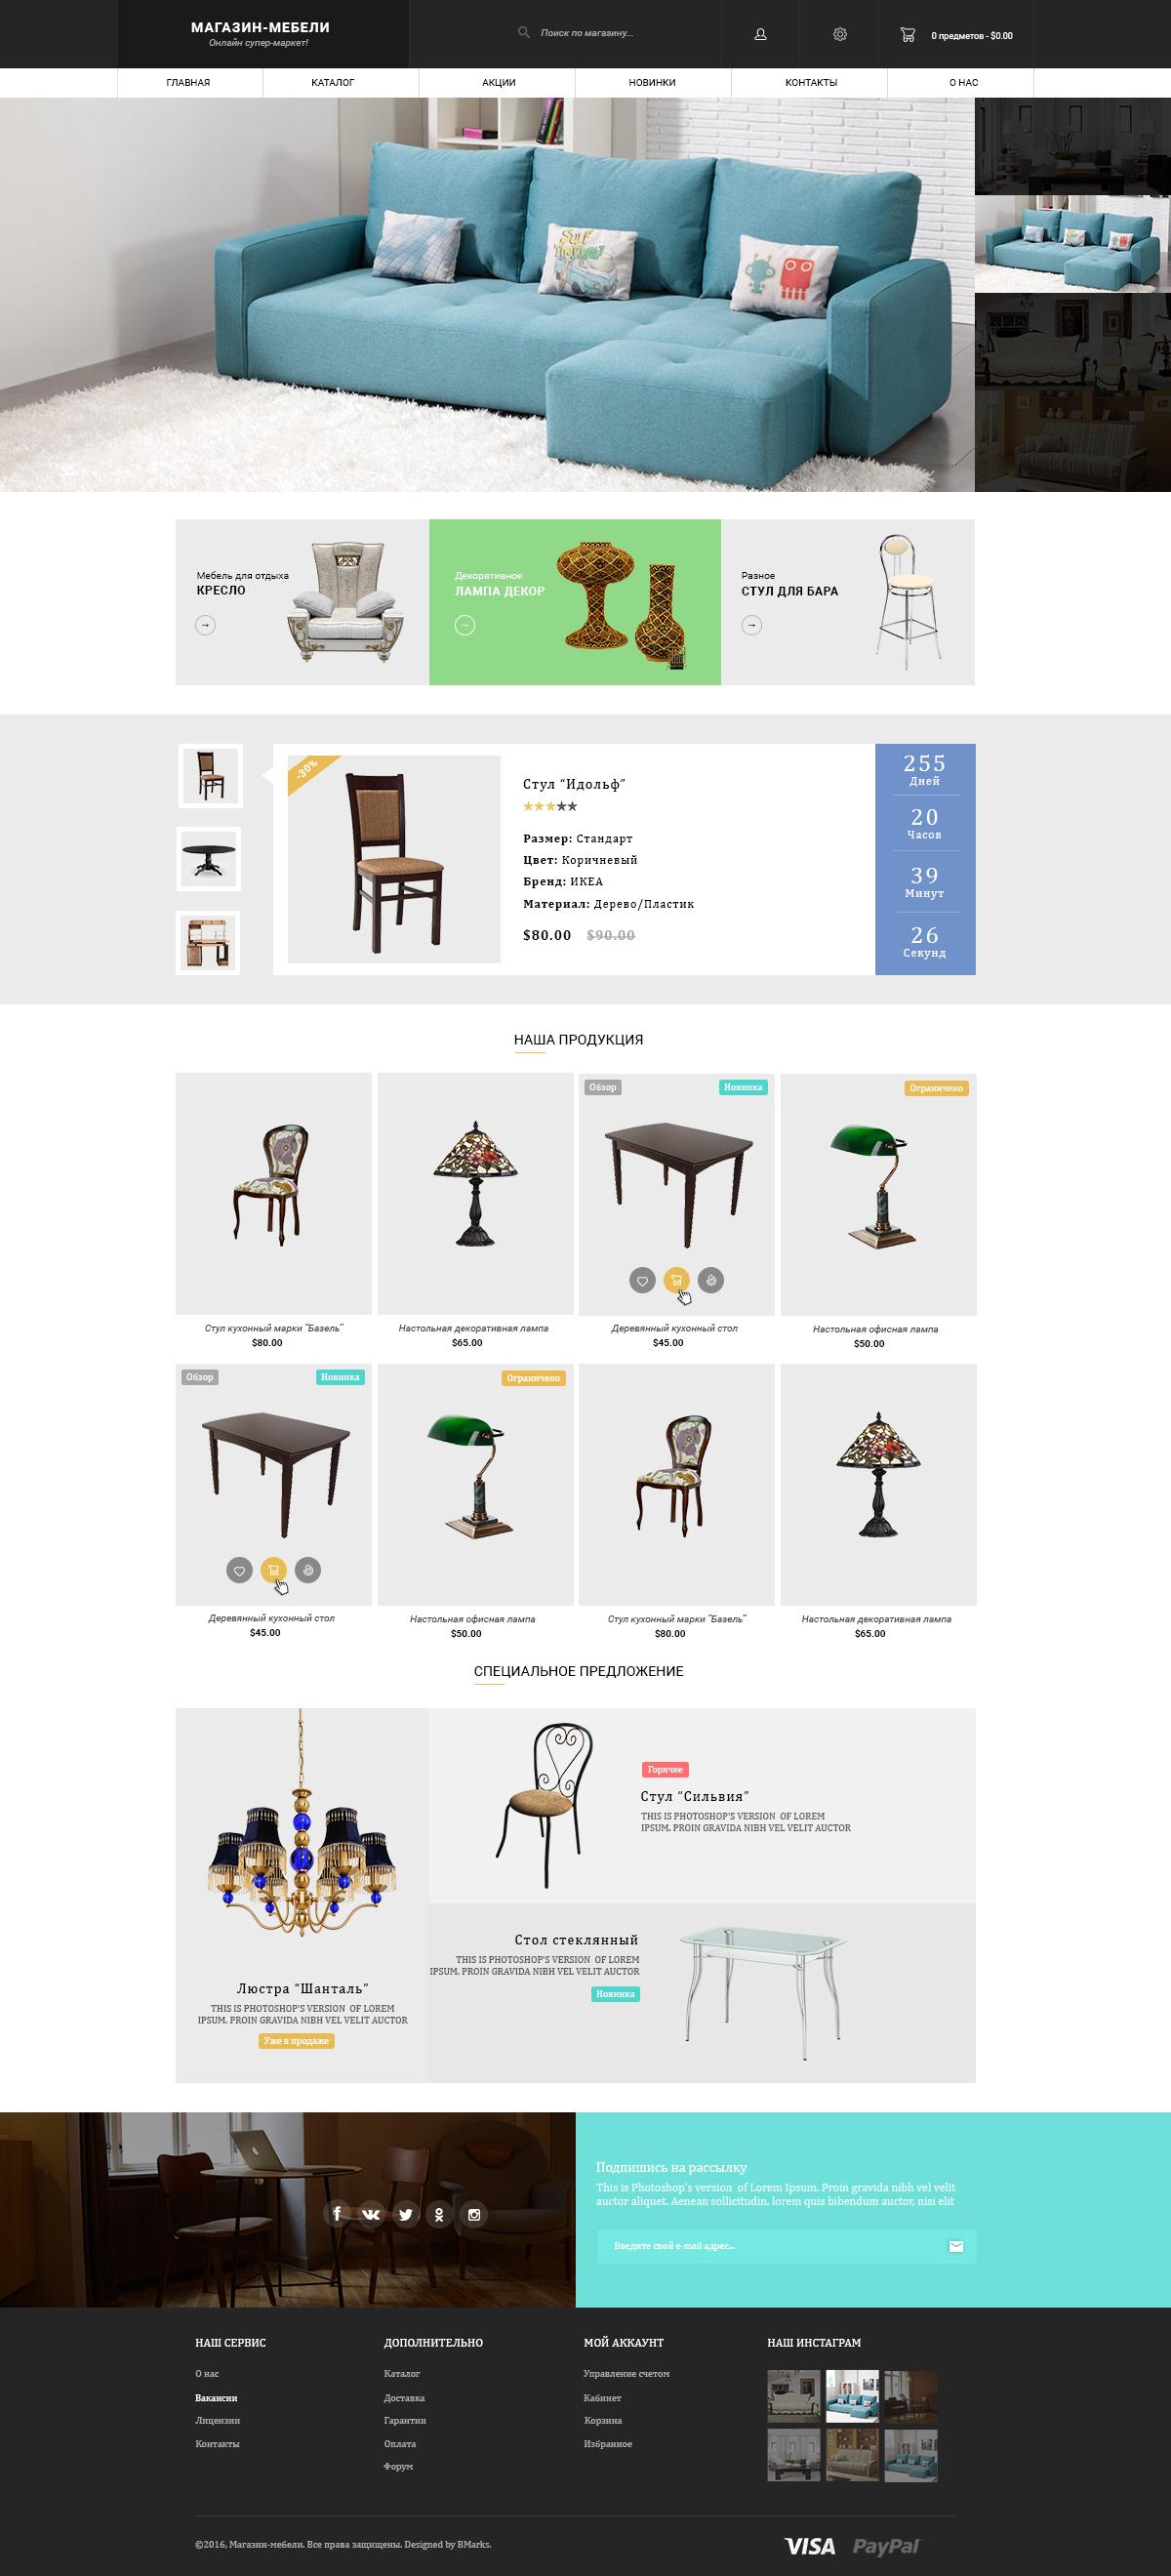 Мебель фриланс конструктор контент-менеджер работа удаленно авито